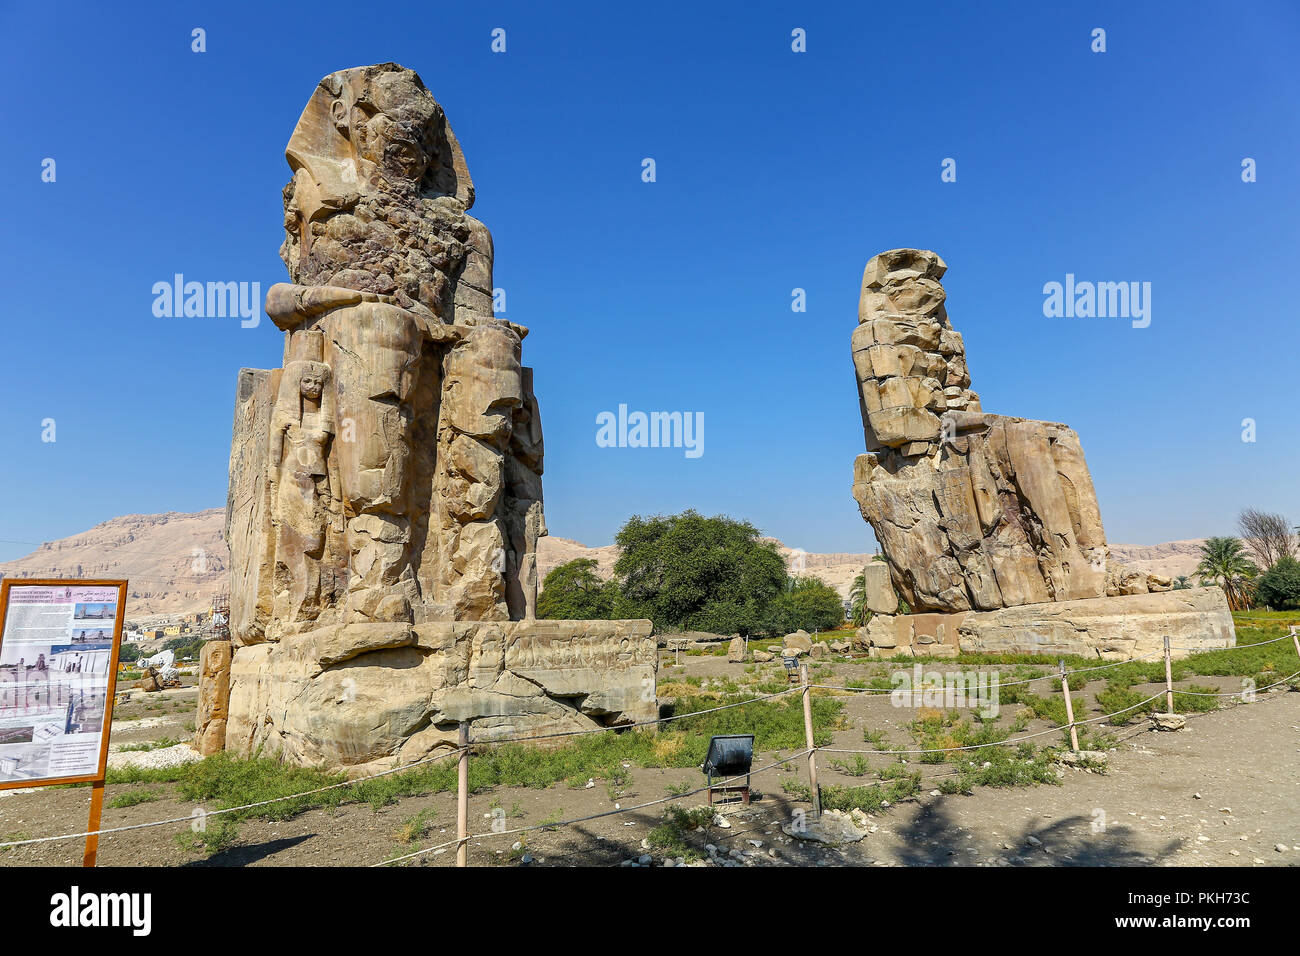 I Colossi di Memnon, due enormi statue di pietra del faraone Amenhotep III, presso la necropoli tebana a Luxor, Egitto, Africa Immagini Stock